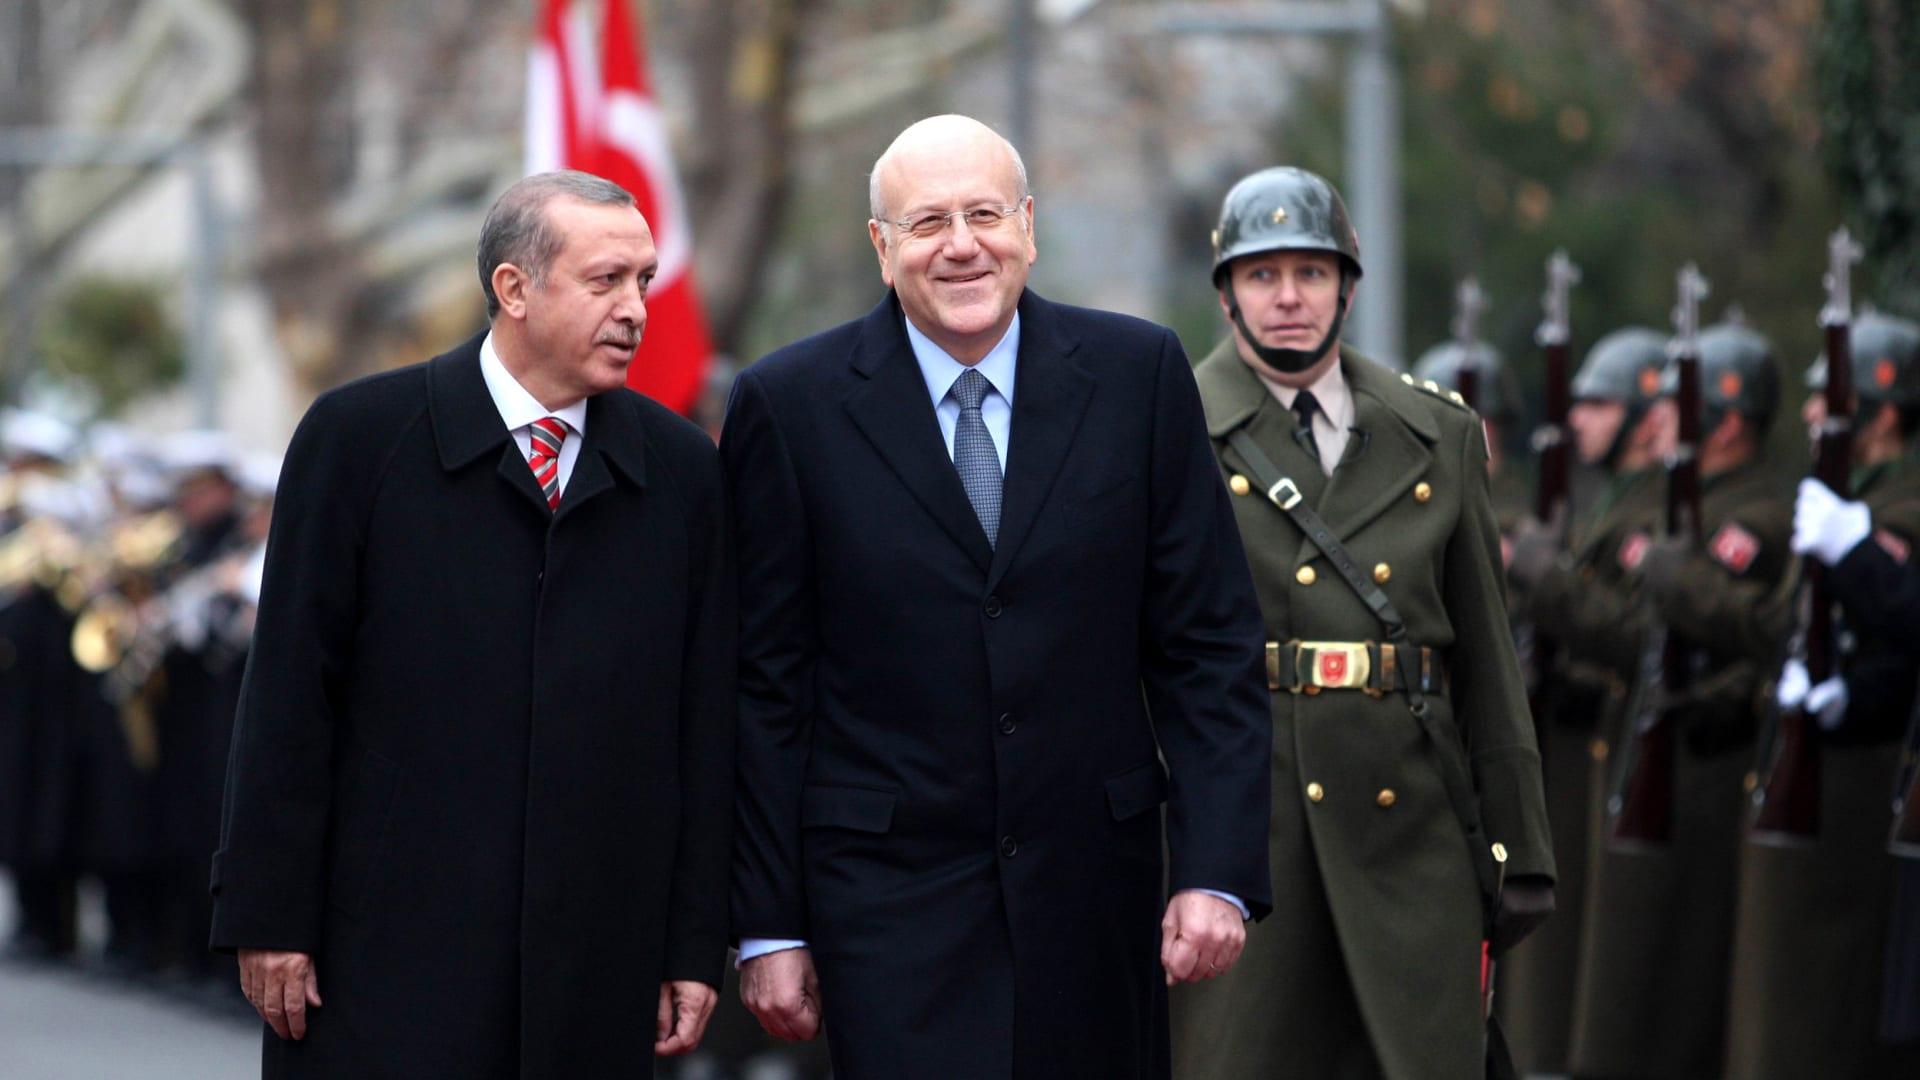 بعد أكثر من شهر على زيارة الحريري لتركيا.. أردوغان يجري اتصالا هاتفيا مع نجيب ميقاتي